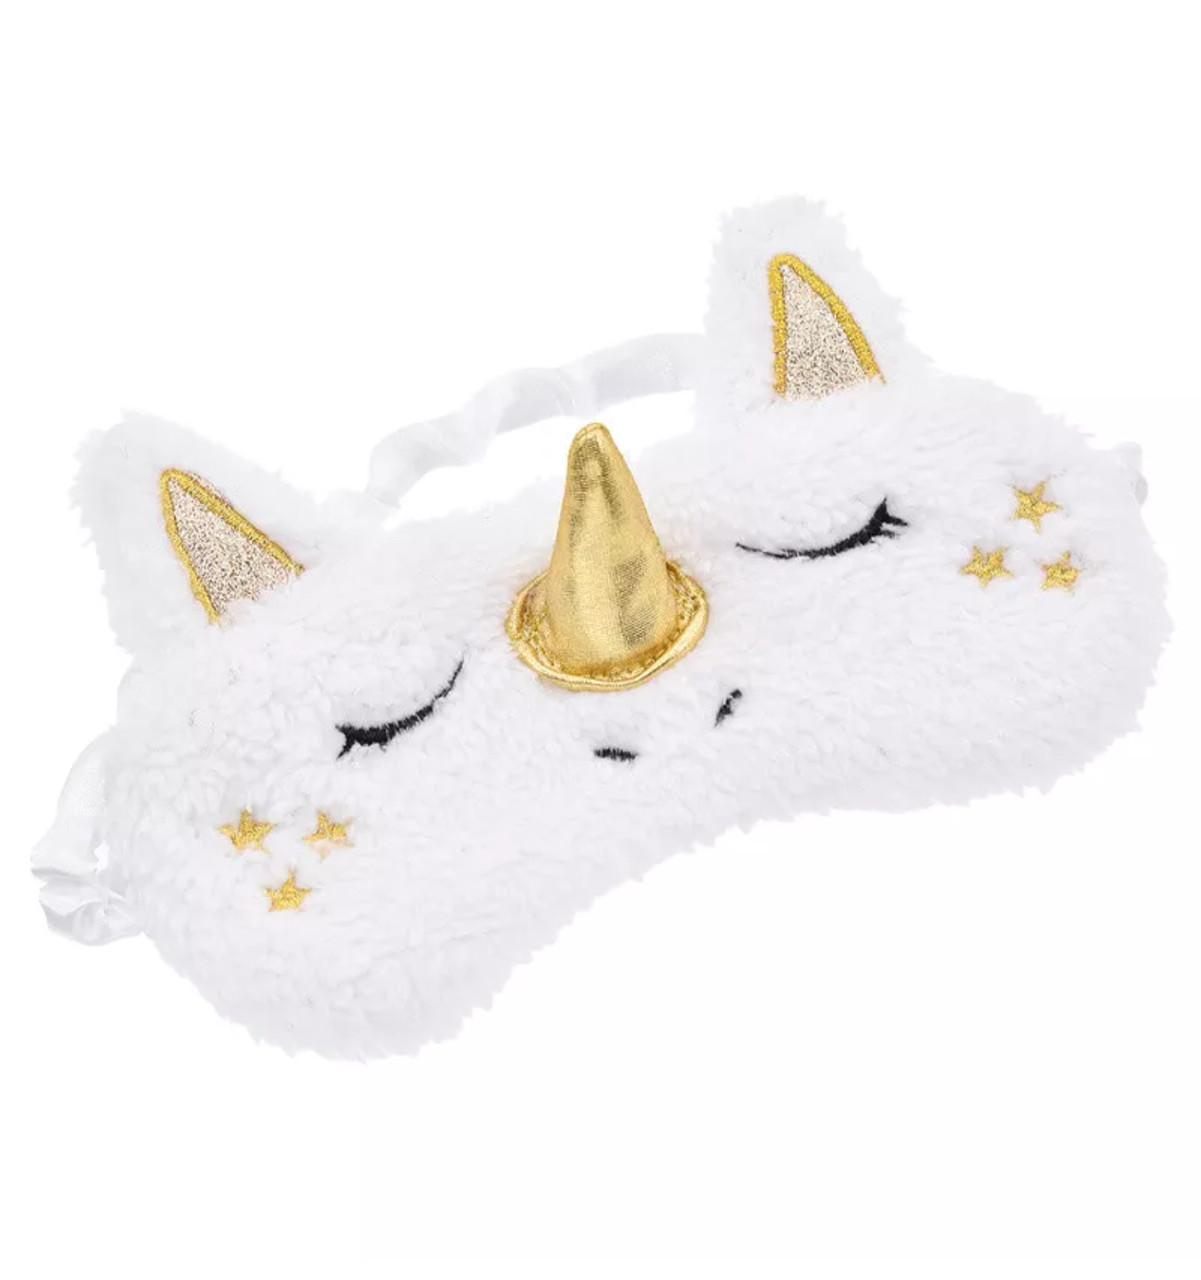 Удобная мягкая маска для сна—повязка на глаза милая Единорог для девочек и девушек